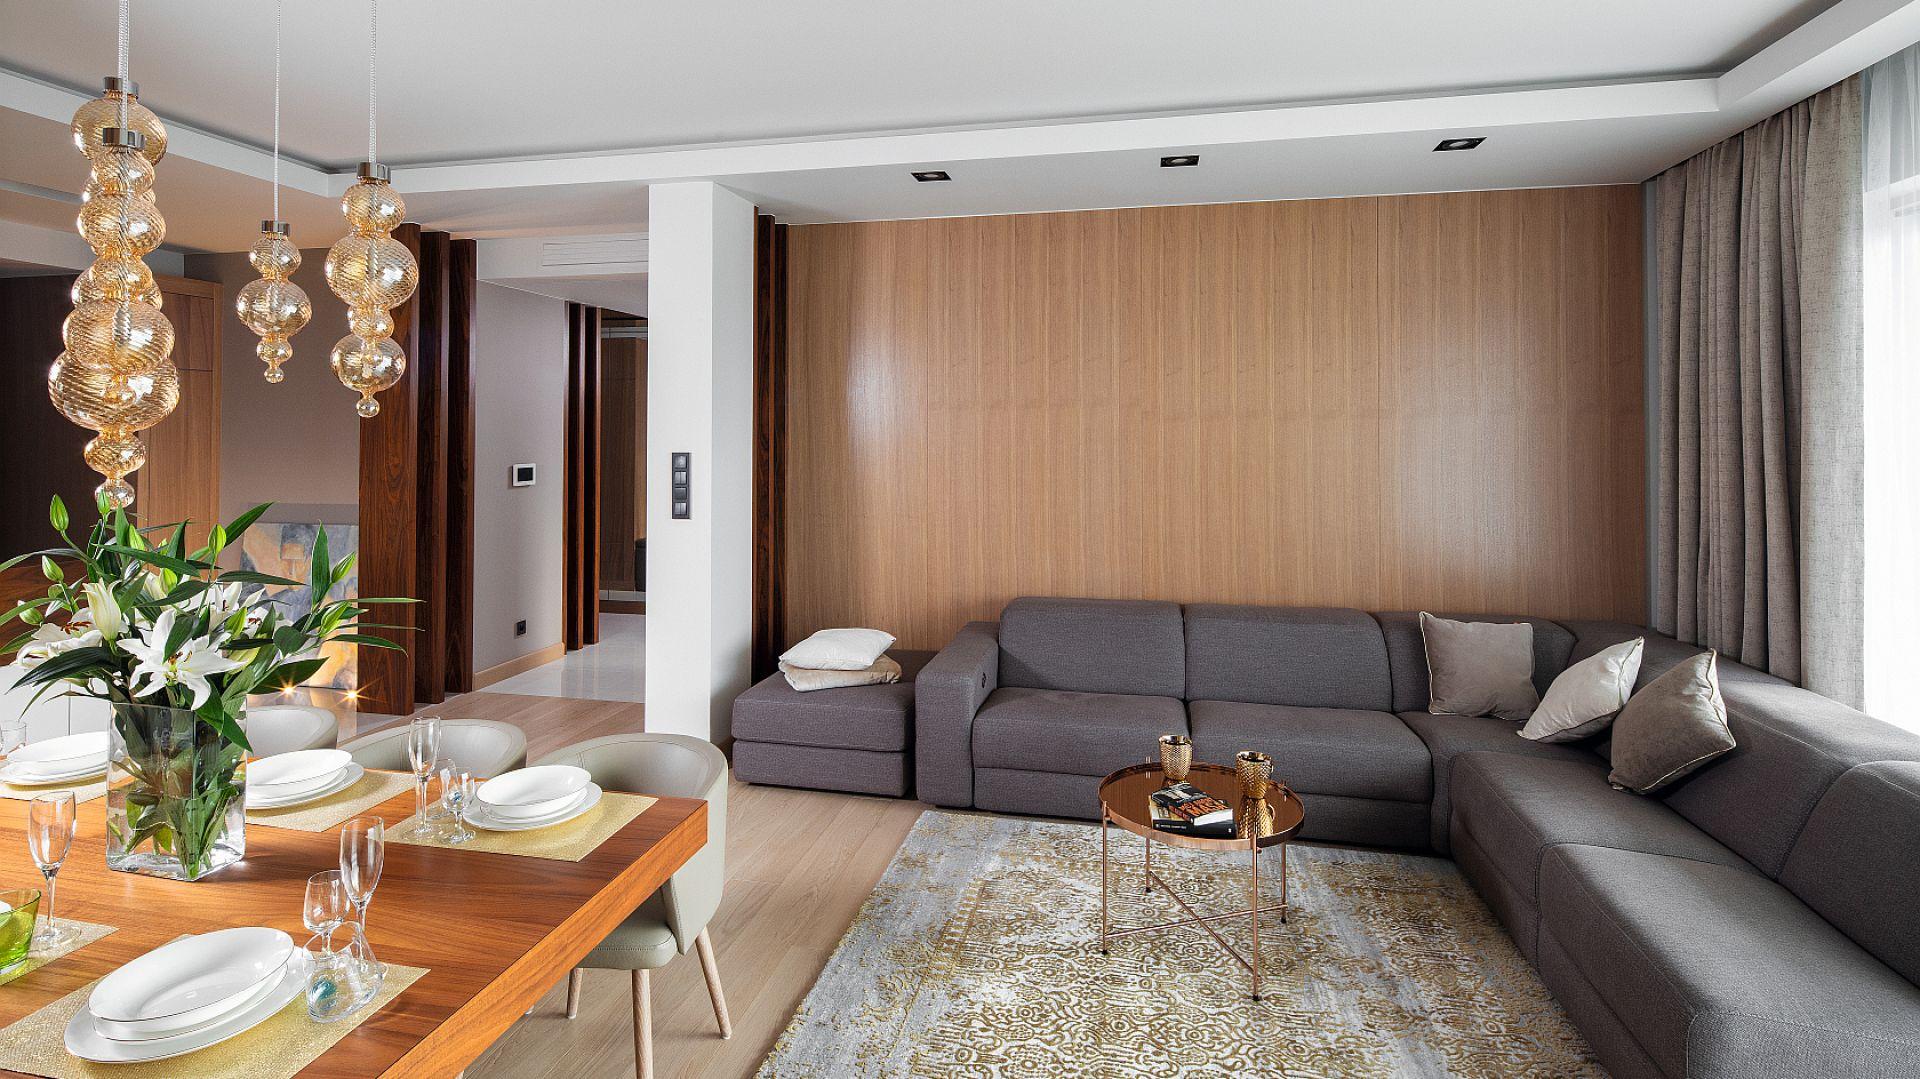 Dębowy fornir na ścianie za kanapą zastępuje zbędne dekoracje w salonie. Prezentuje się pięknie i stylowo, wprowadzając do wnętrza przytulny, elegancki klimat. Projekt: Laura Sulzik. Fot. Bartosz Jarosz